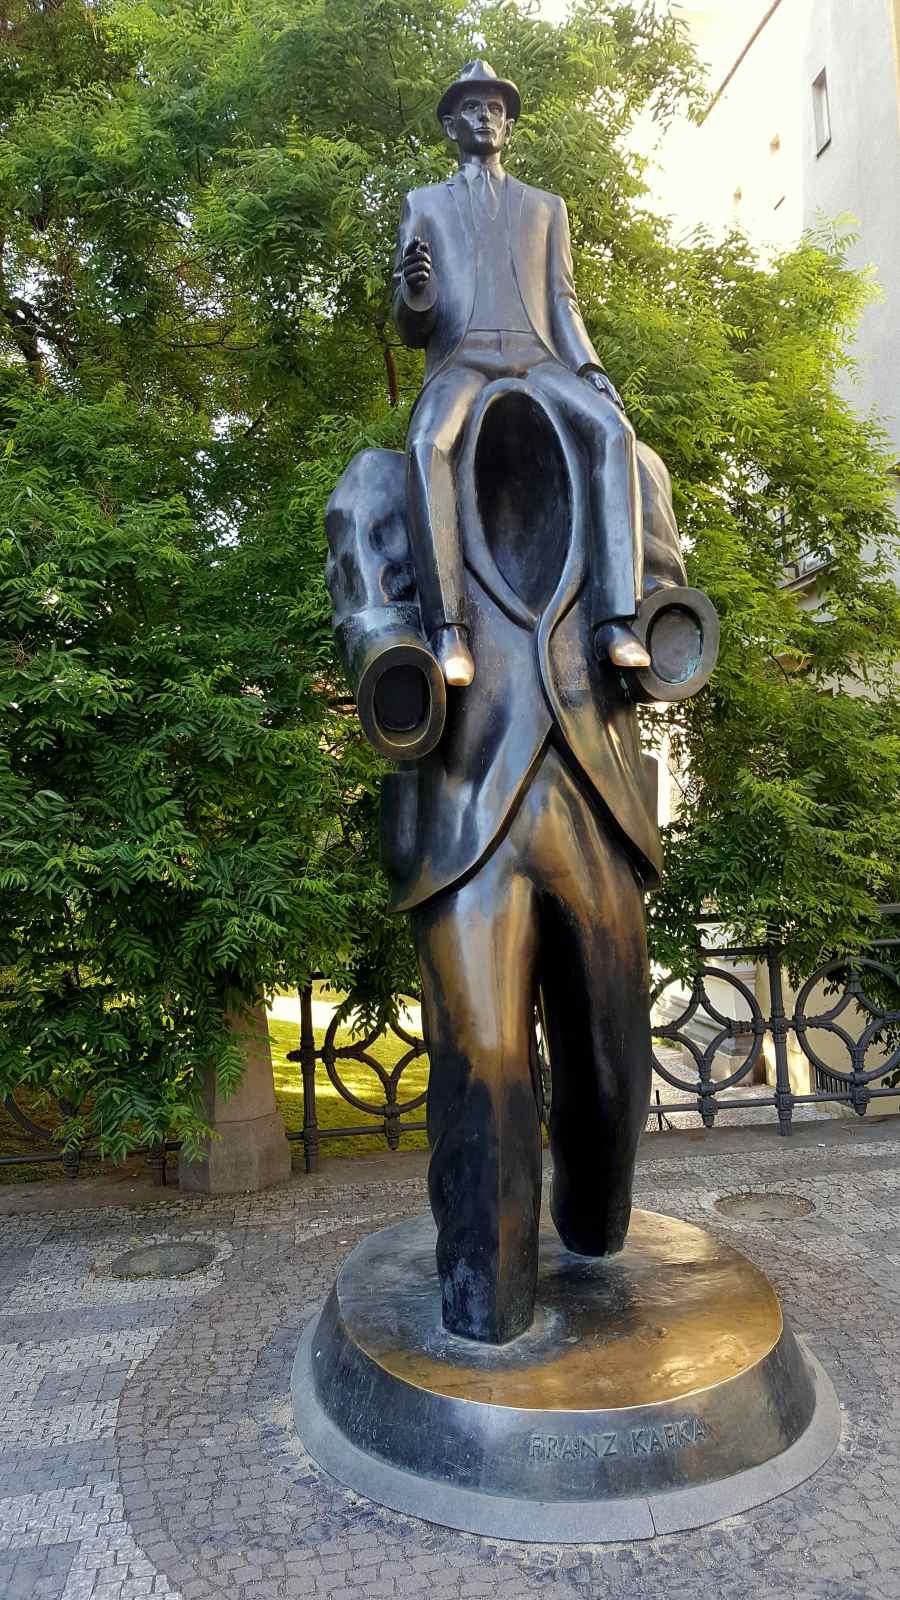 Franz Kafka Denkmal